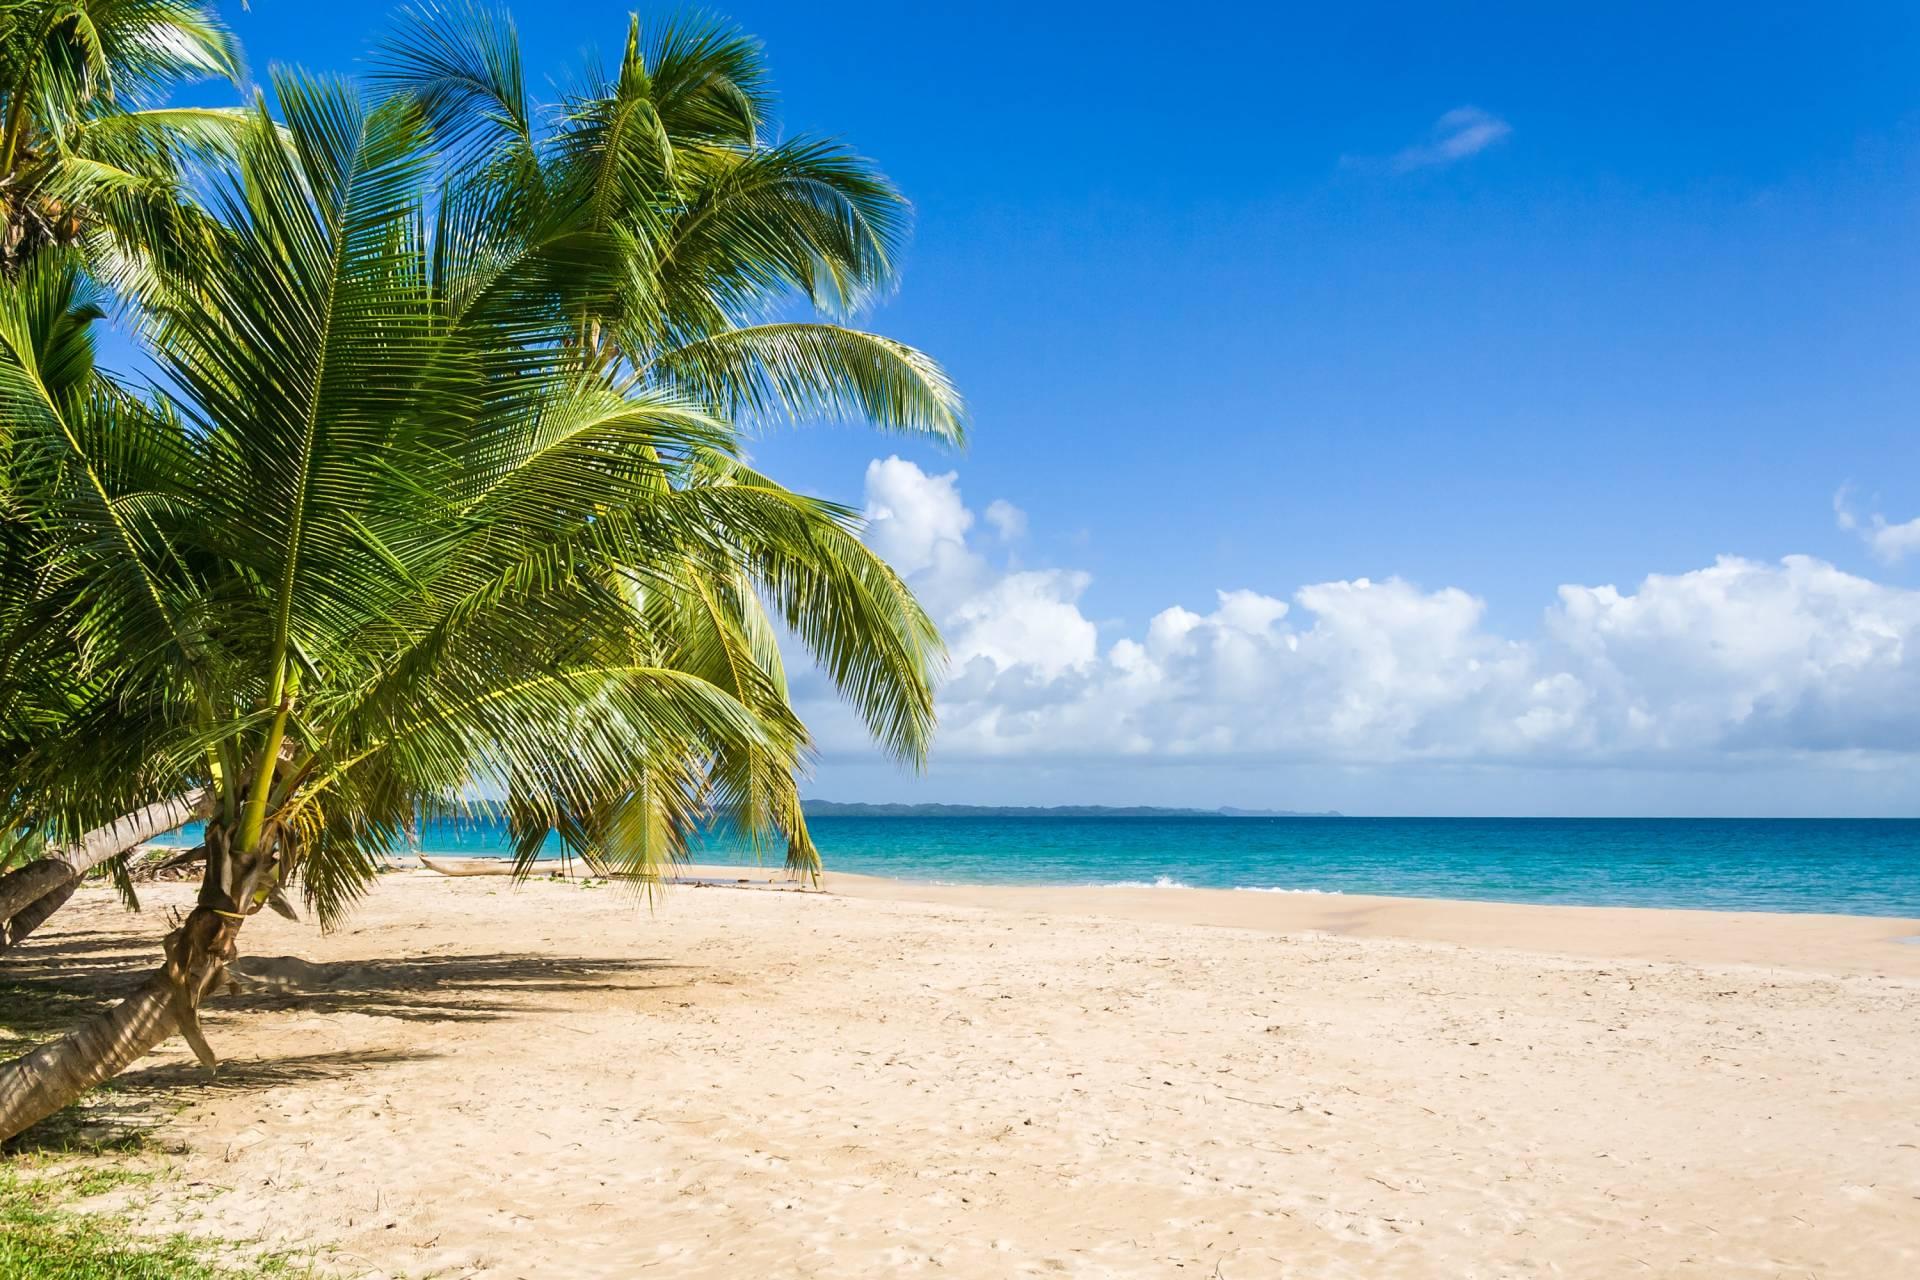 Imagini pentru madagascar plaje